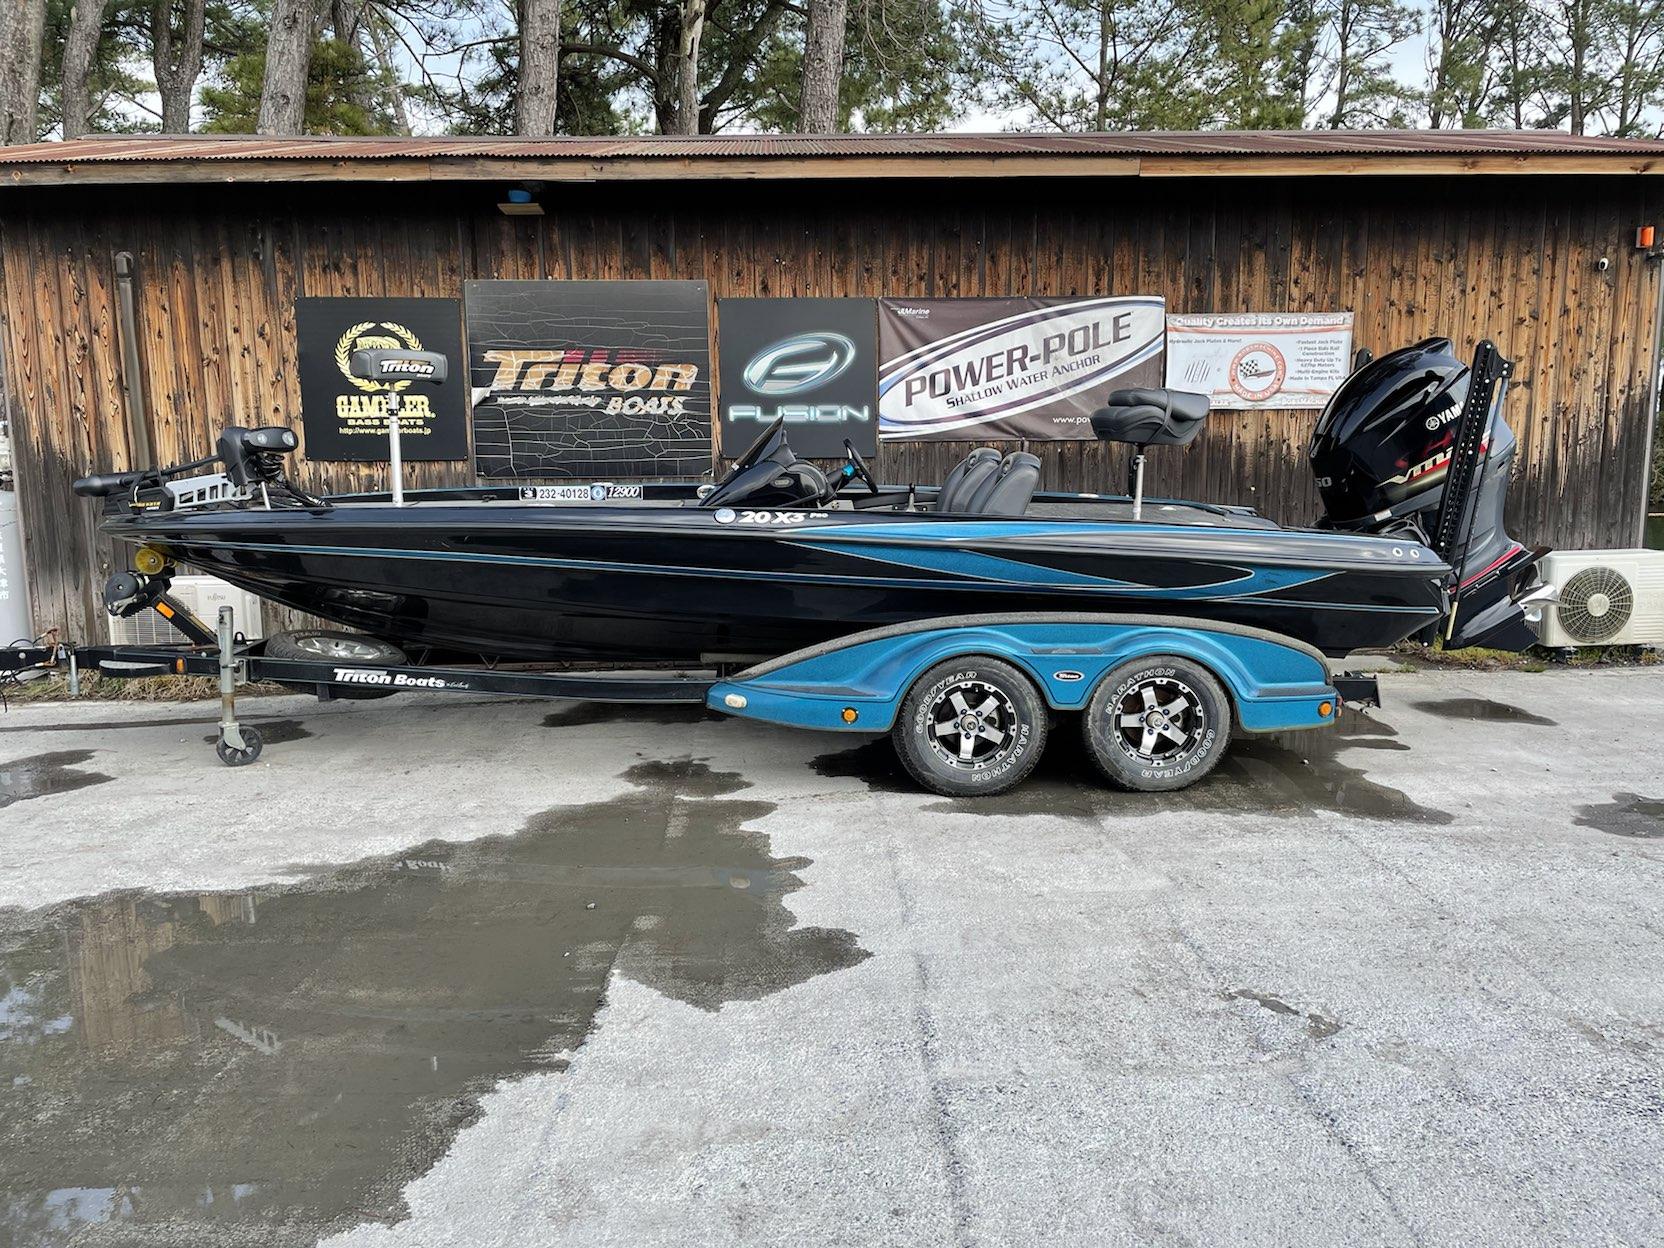 2022年末まで保管料サービス '09 Triton Boats 20X3PRO with SHO250